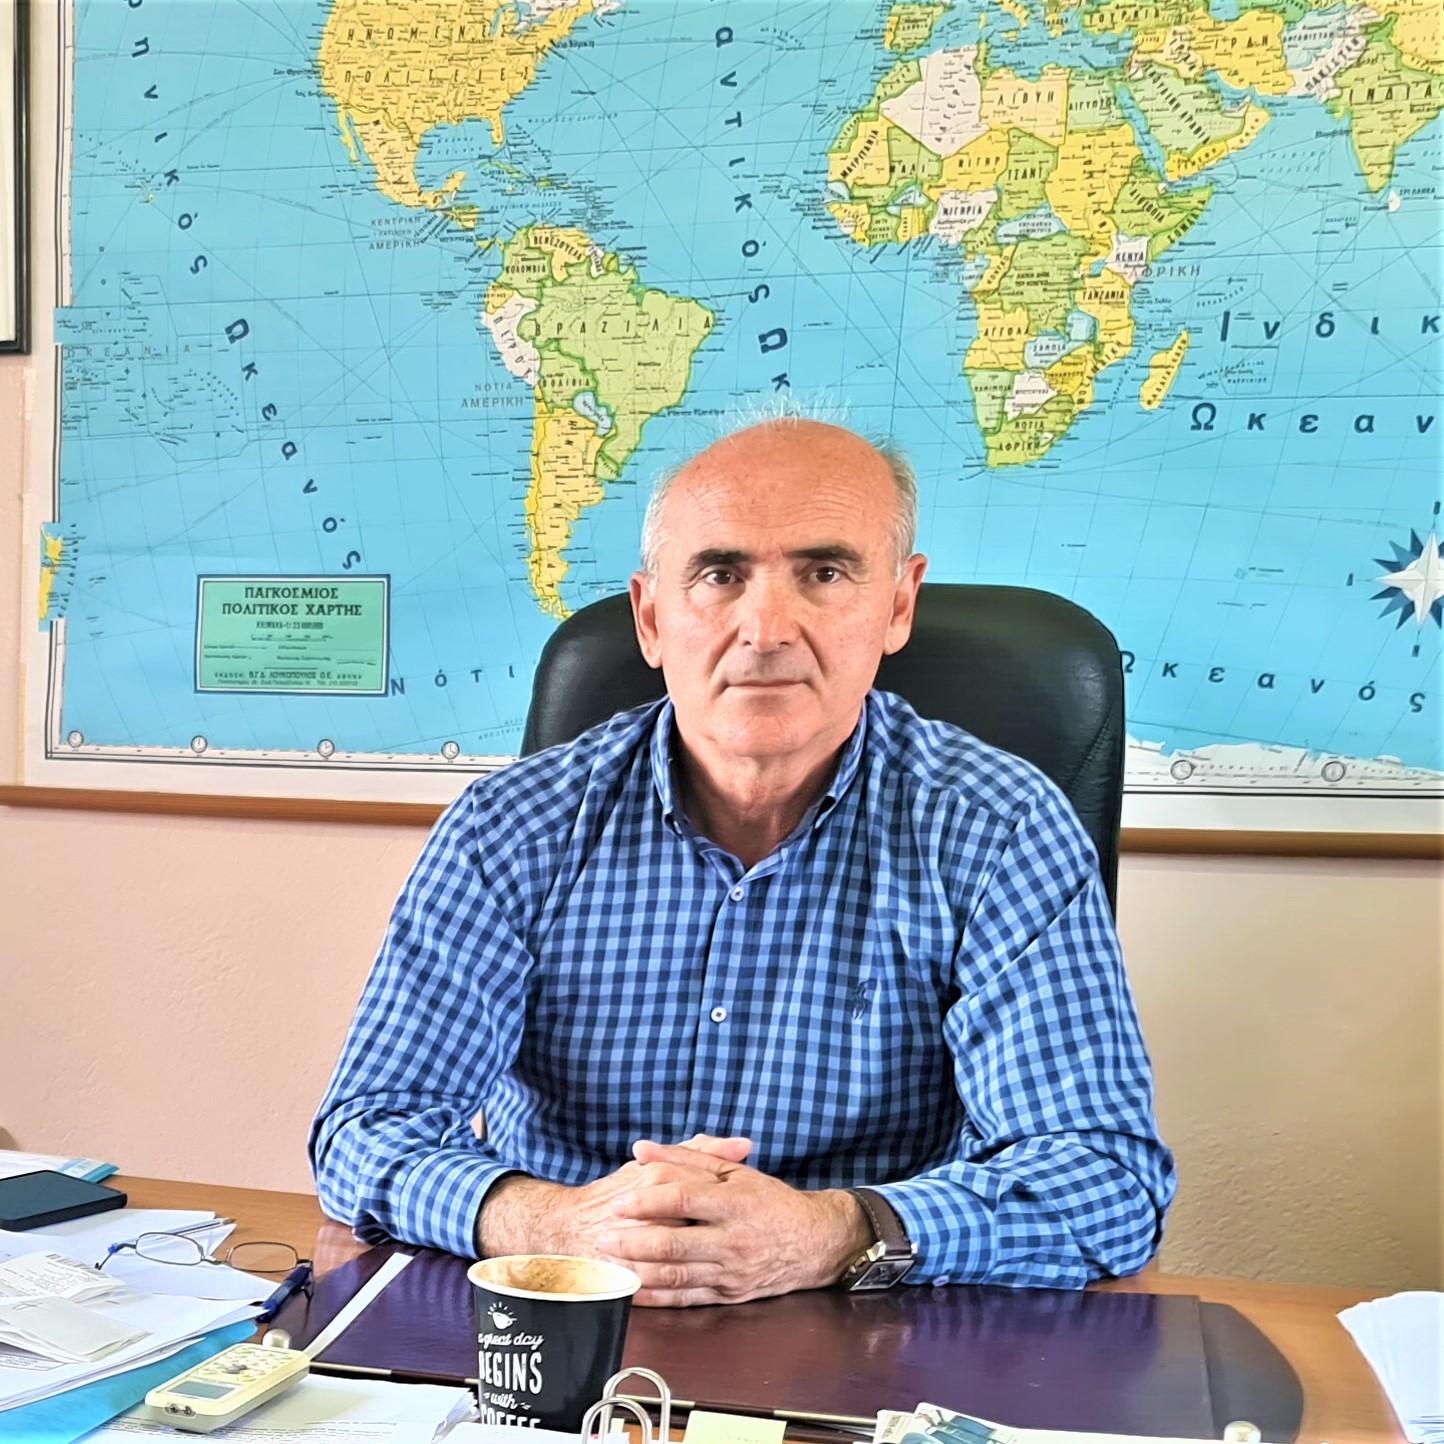 ΓΟΕΒ Πηνειού – Αλφειού: Περιφράξεις σε διαβάσεις και γέφυρες του εγγειοβελτιωτικού έργου- Τ. Αλτάνης: «Η ασφάλεια των συμπολιτών μας αποτελεί για εμάς προτεραιότητα»